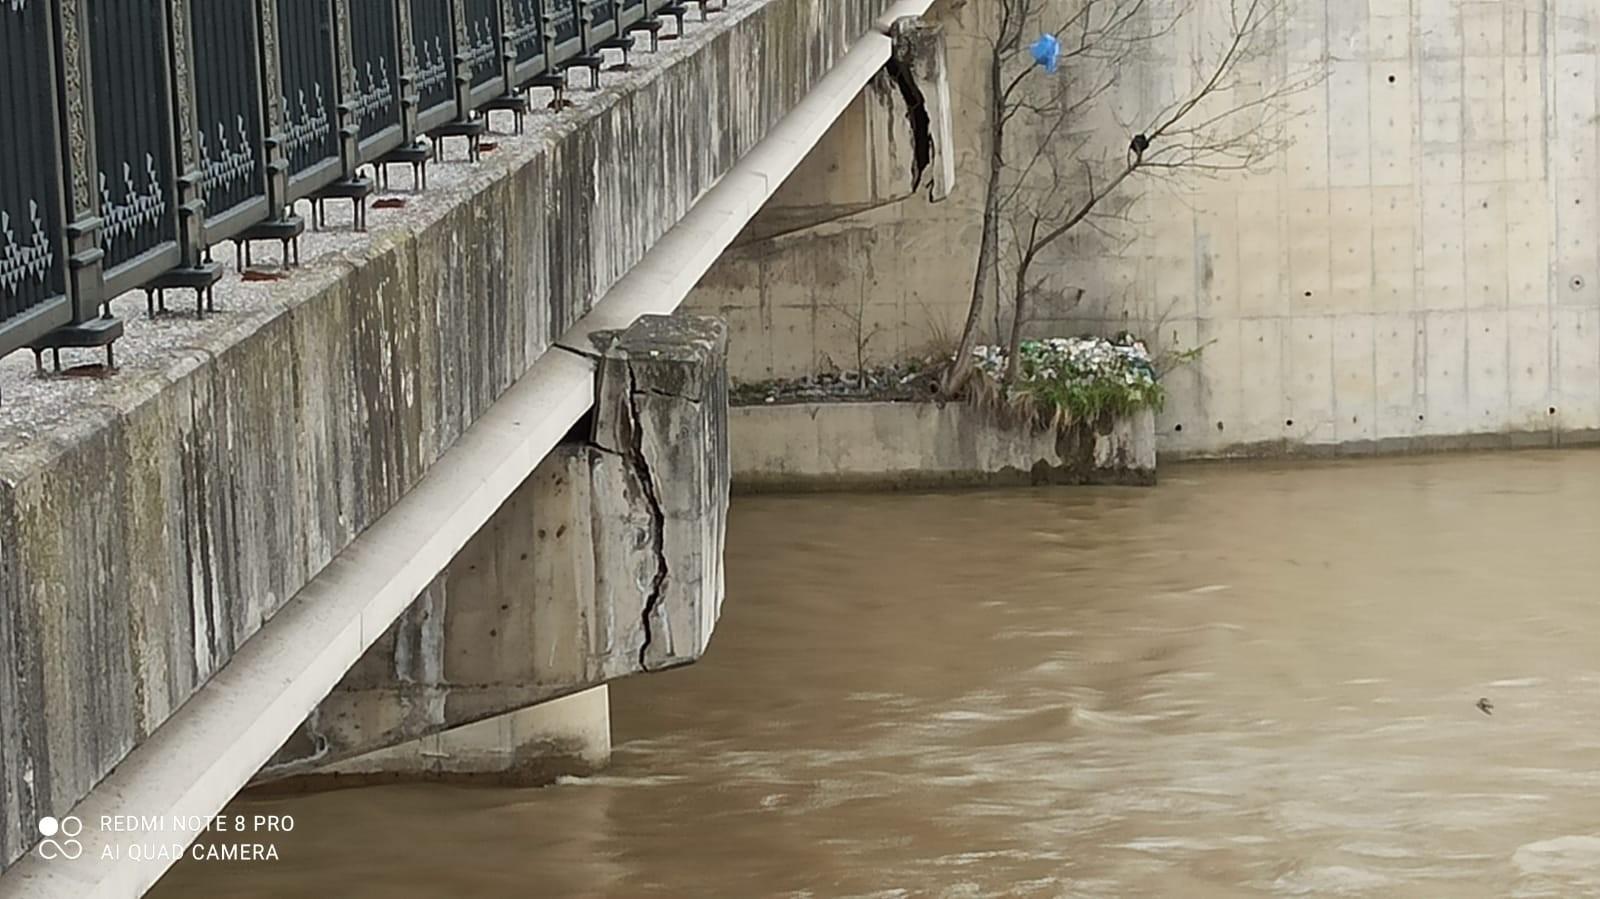 Zonguldak'taki köprü tehlike saçmaya devam ediyor